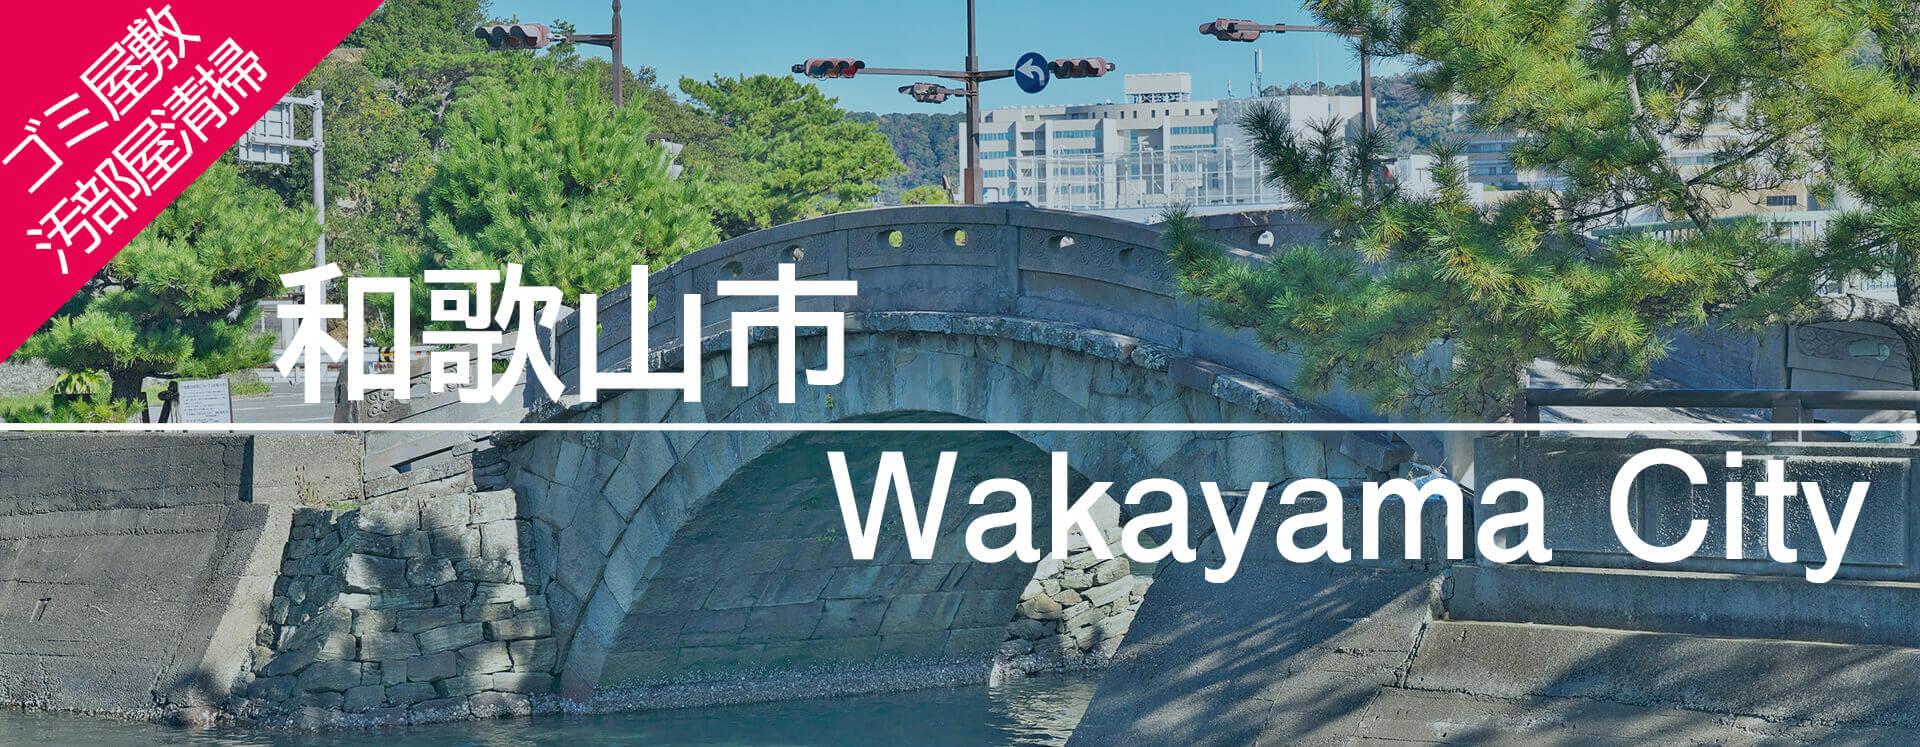 和歌山市でゴミ屋敷片付けや不用品回収の業者